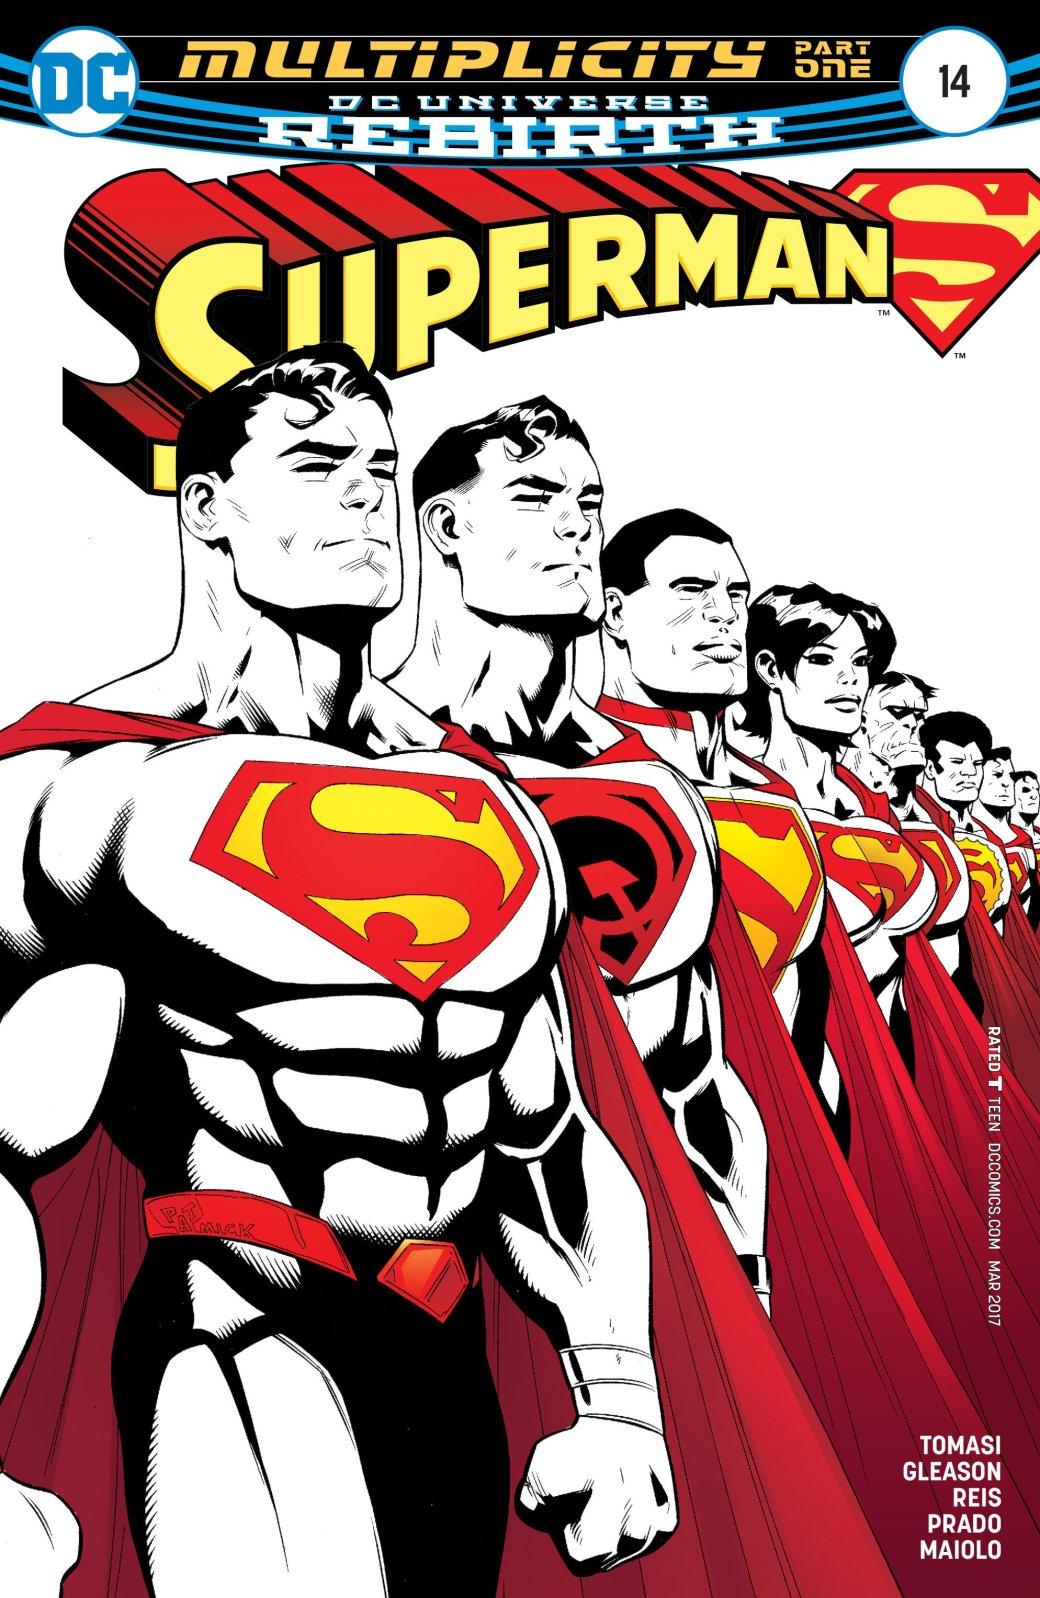 Советский, чернокожий, китайский и другие Супермены в новом комиксе DC | Канобу - Изображение 6046